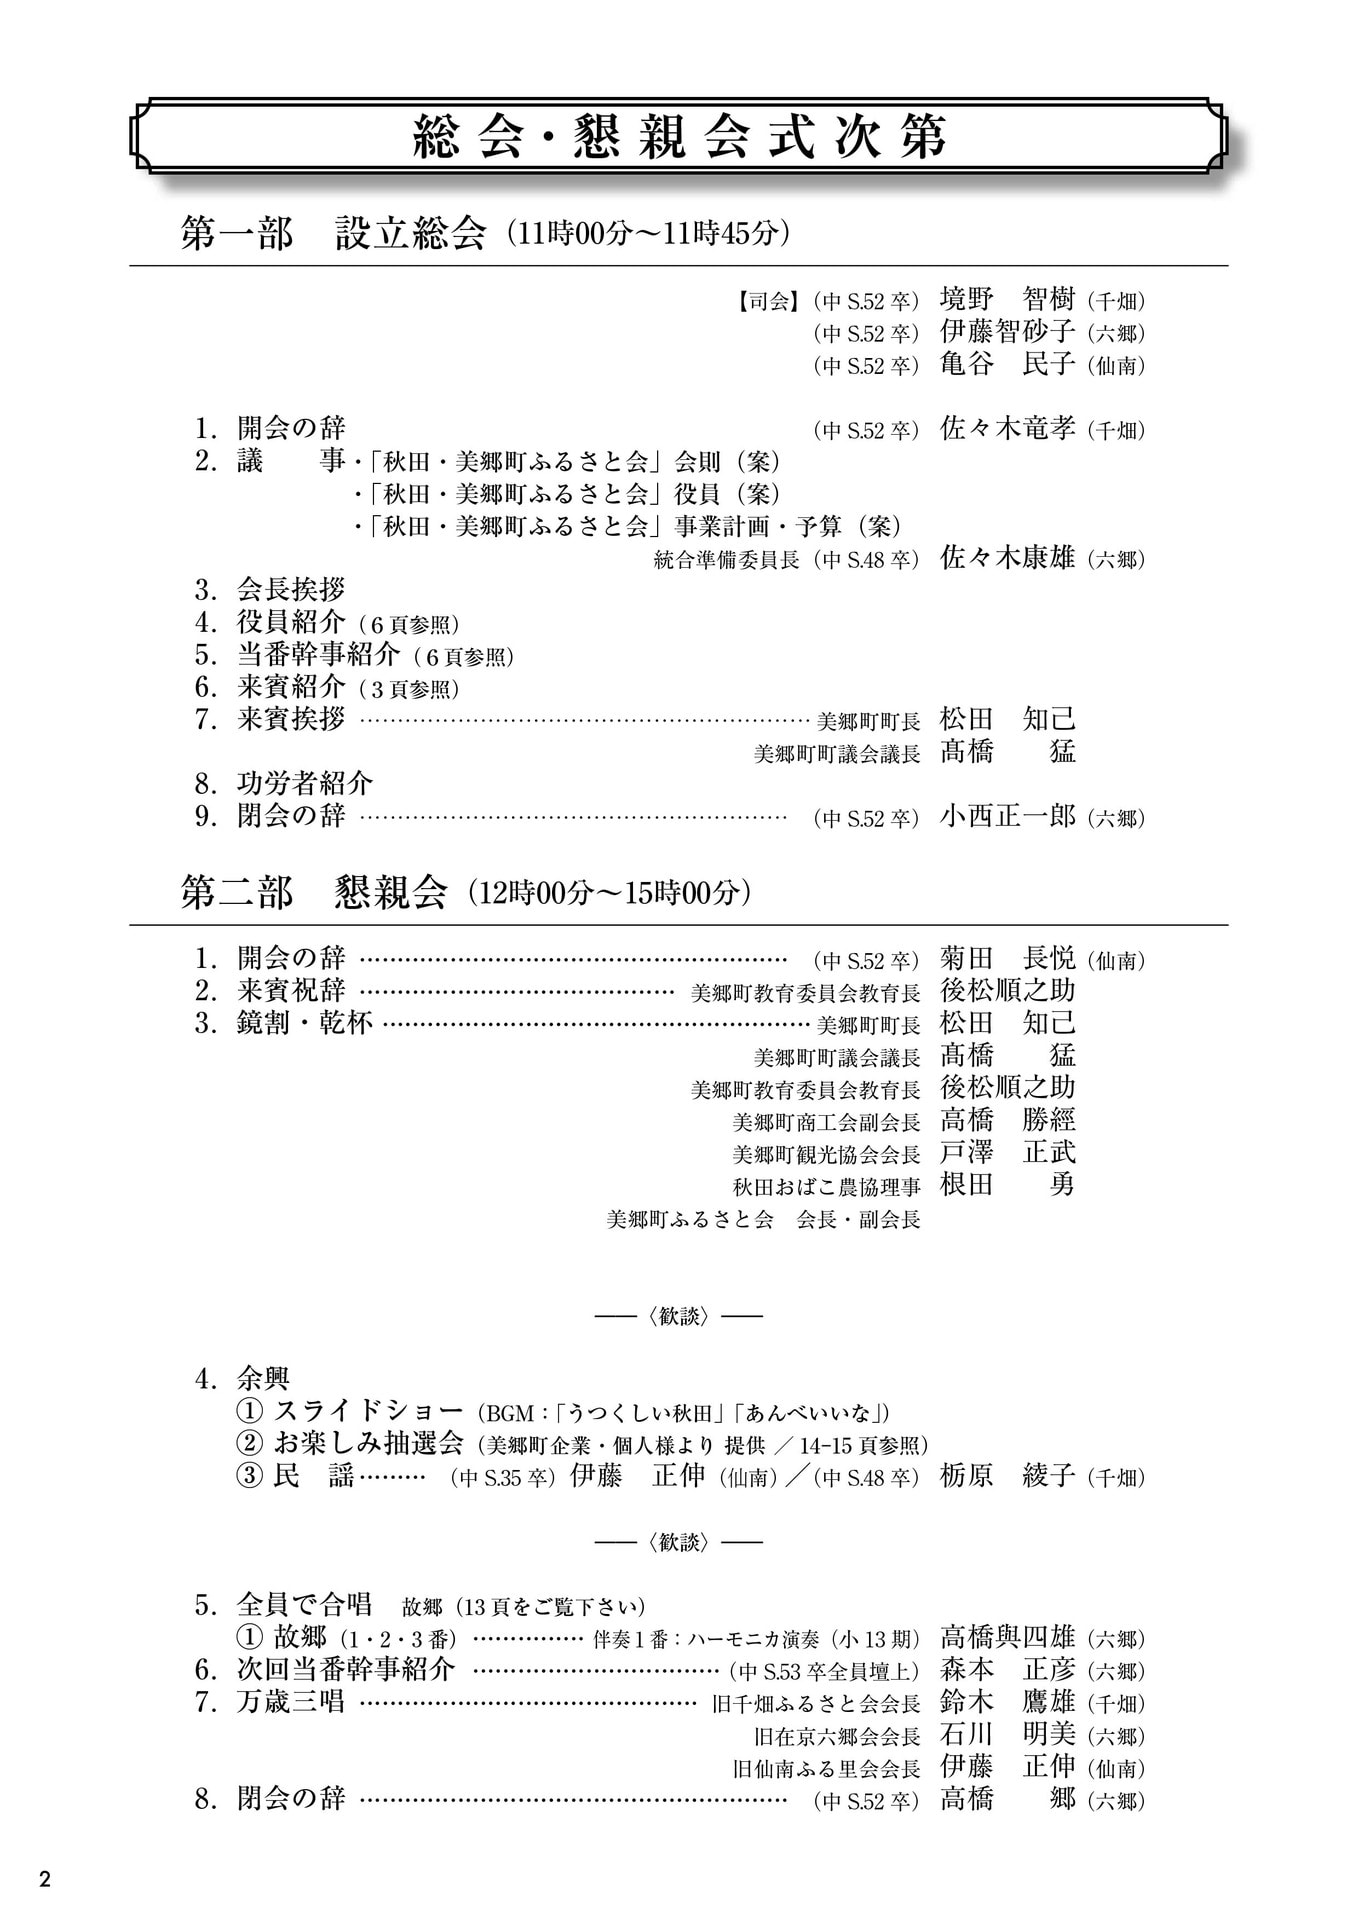 第1回秋田・美郷町ふるさと会パンフレット(式次第)